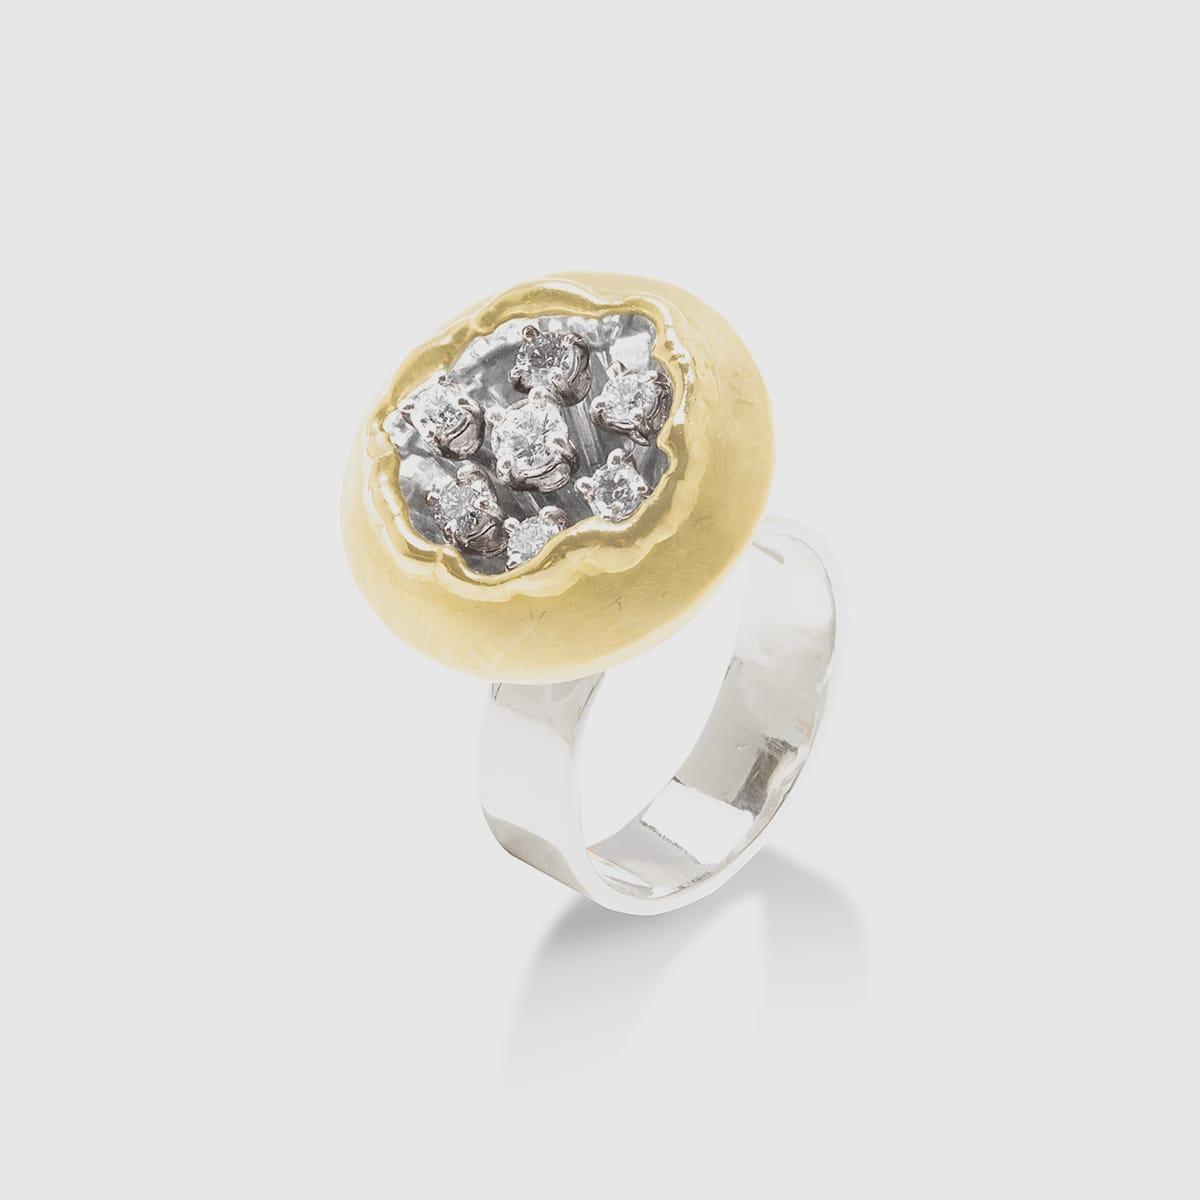 Inside sferico con diamanti centrali